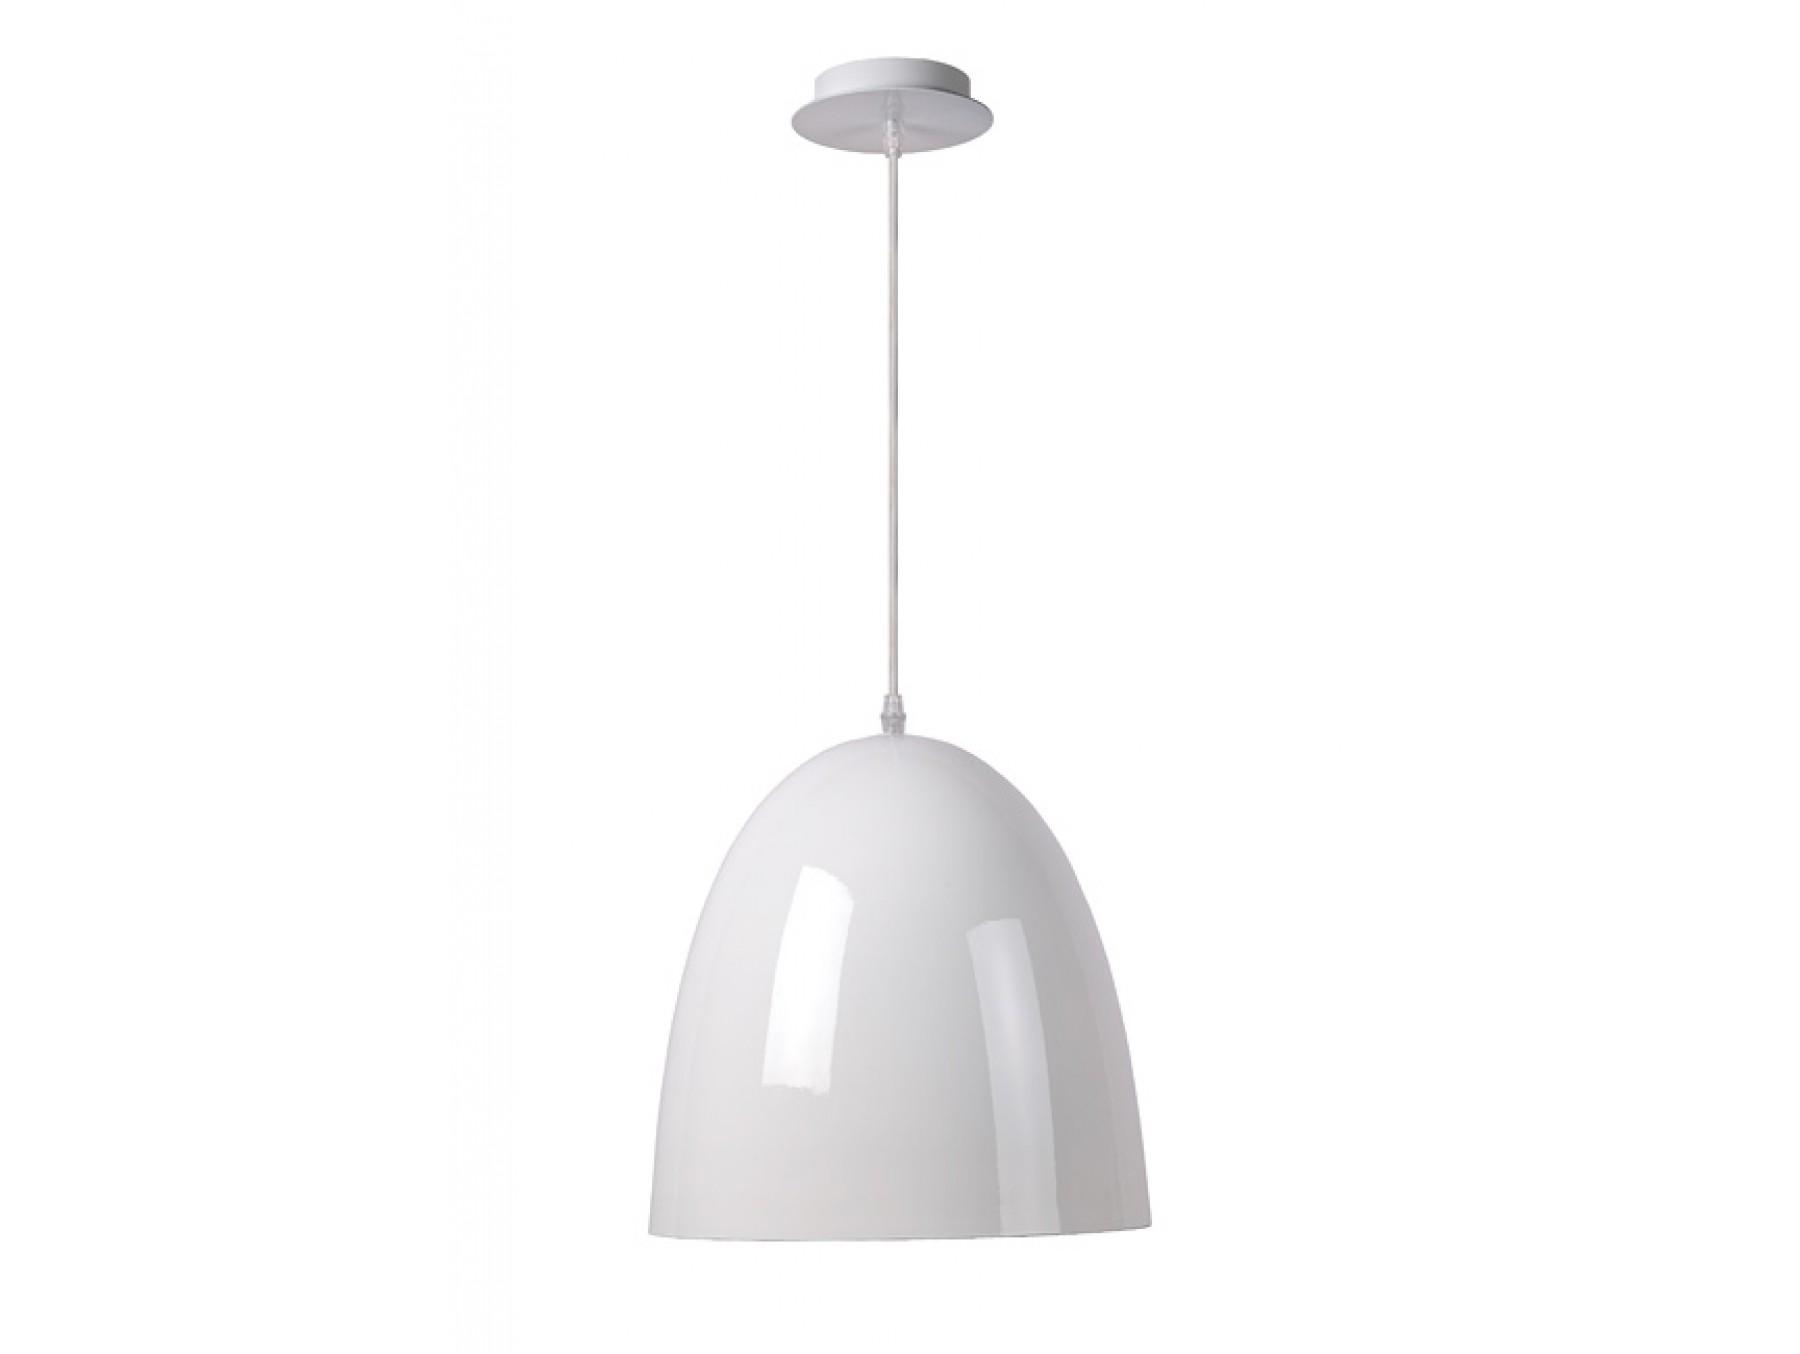 Подвесной светильник LOKOПодвесные светильники<br>основание: металл<br>плафон: металл/белый<br>диаметр: 30 см<br>высота: 120 см<br>Е27, 60W, 1 лампочка (в комплект не входит)<br><br>Material: Металл<br>Height см: 120<br>Diameter см: 30